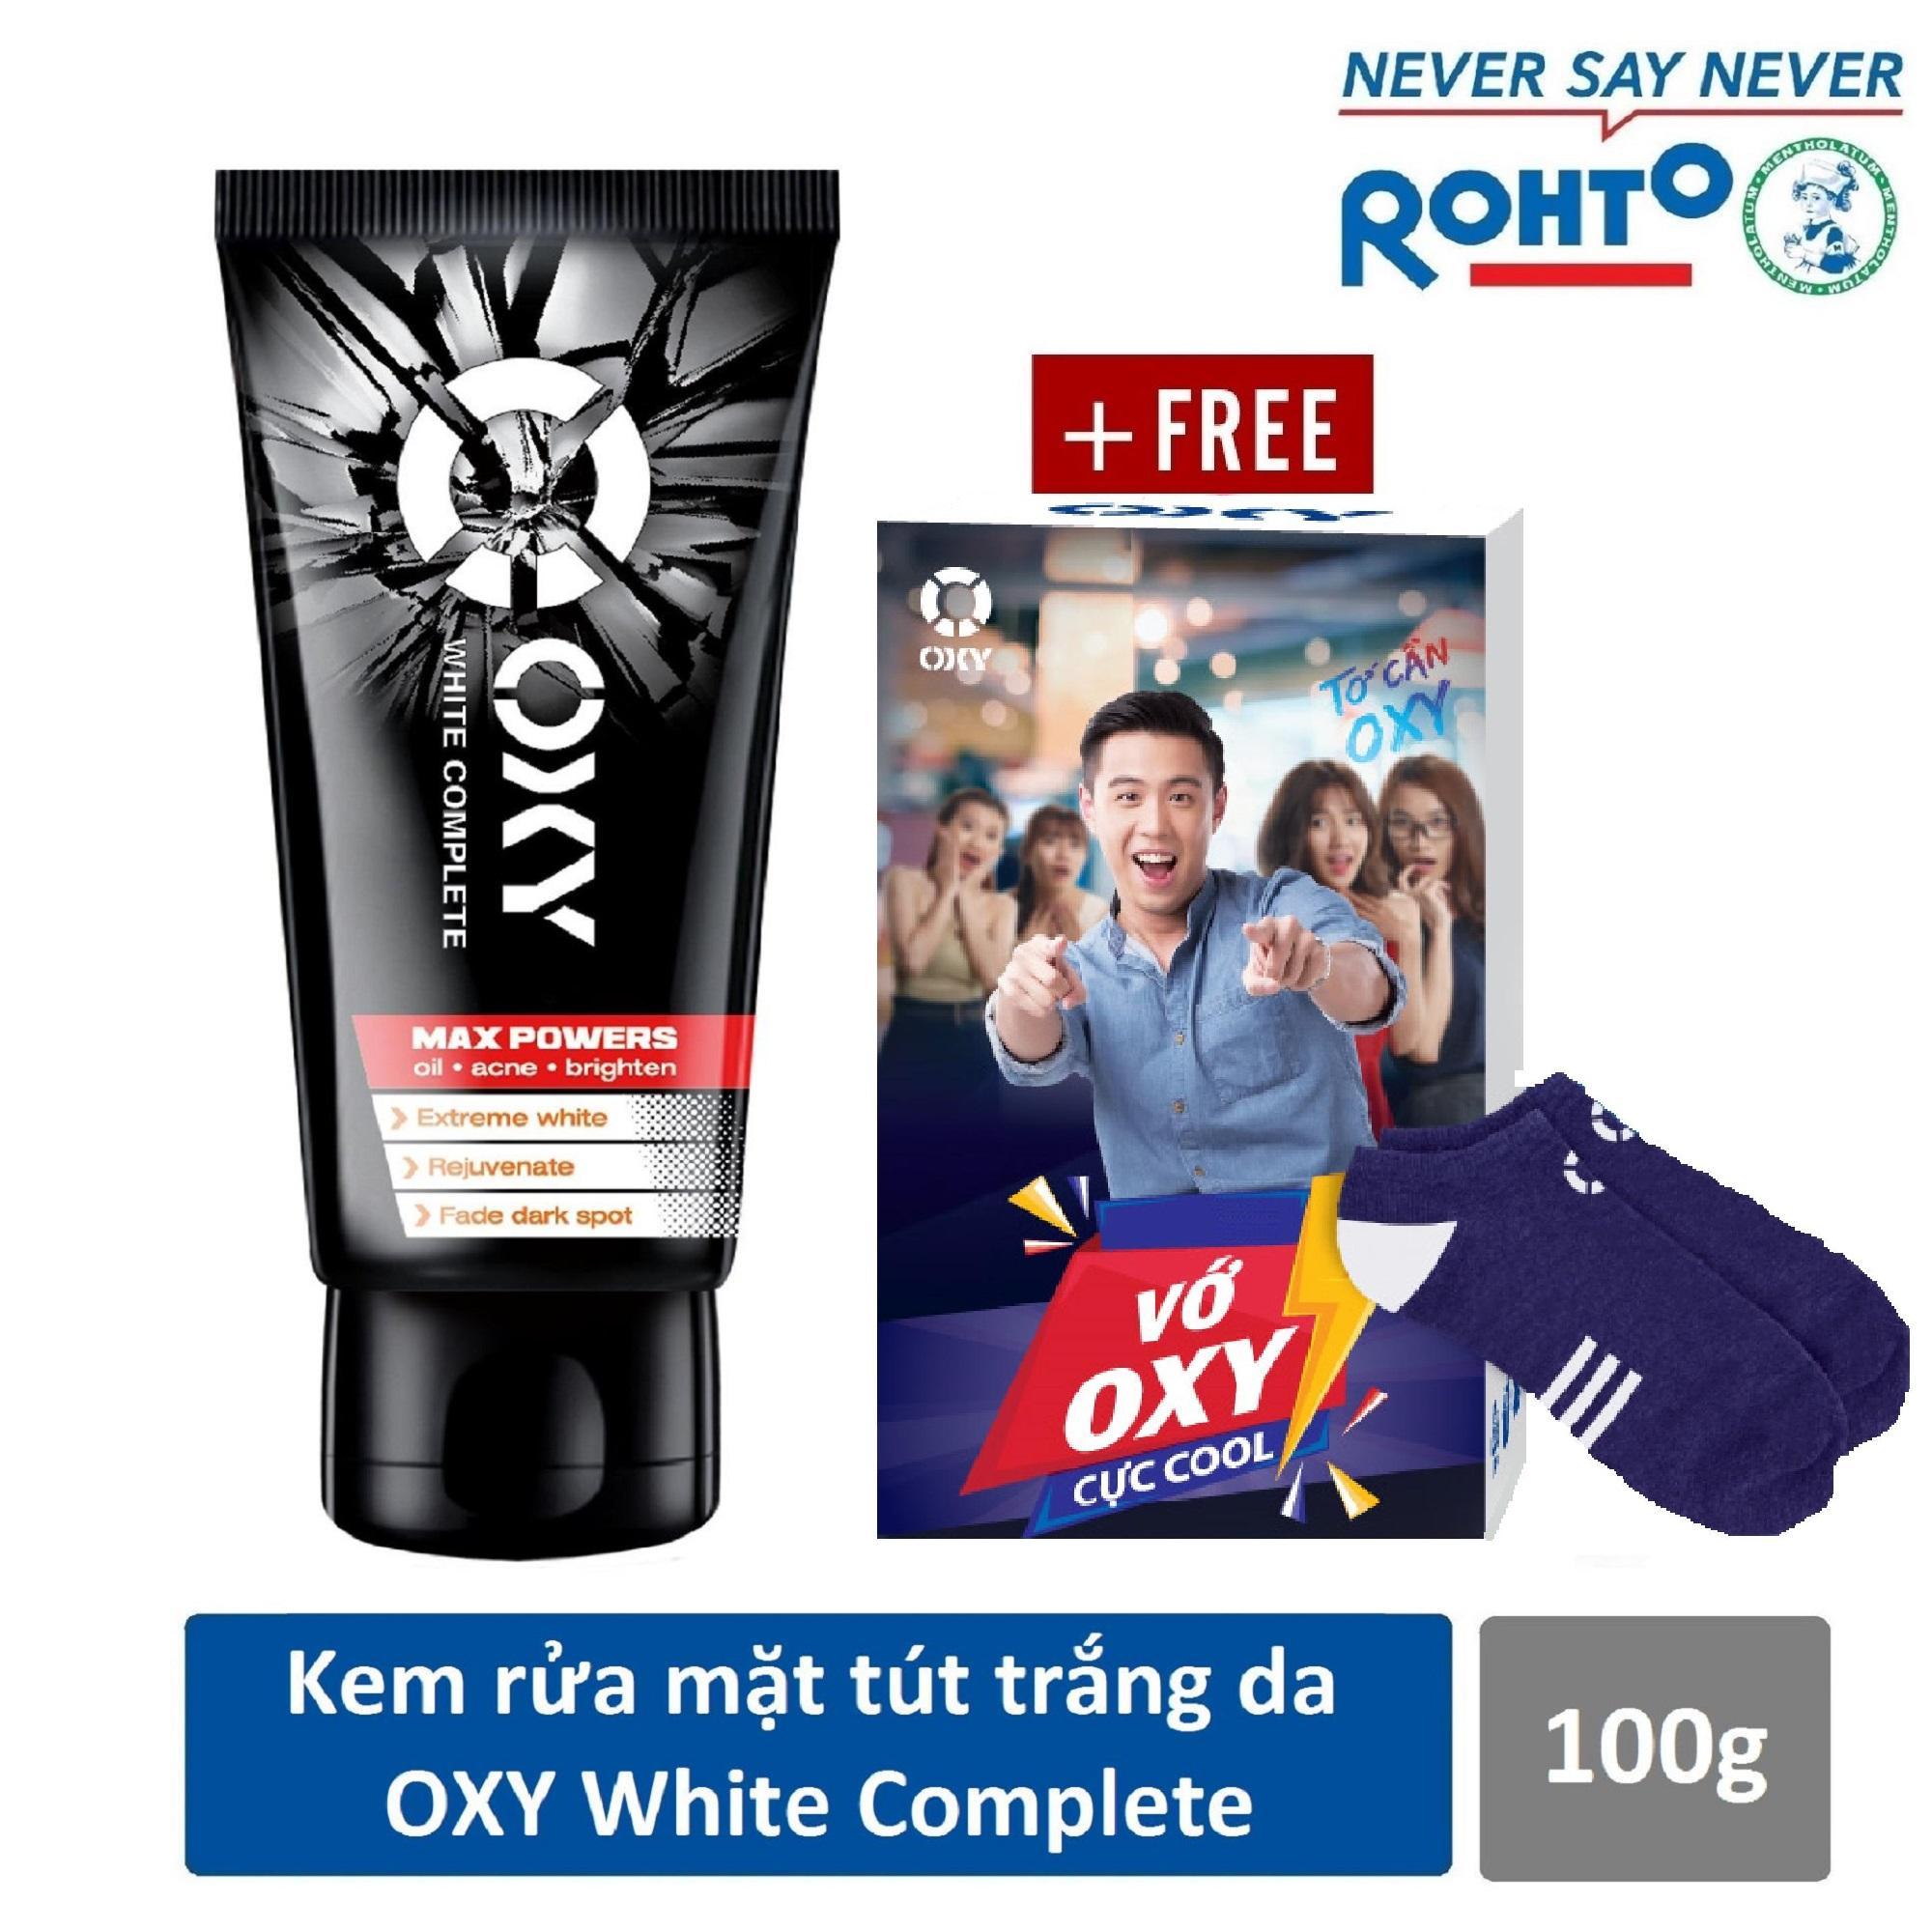 Kem rửa mặt tút da trắng khỏe cho nam Oxy White Complete 100g + Tặng Vớ OXY cực cool